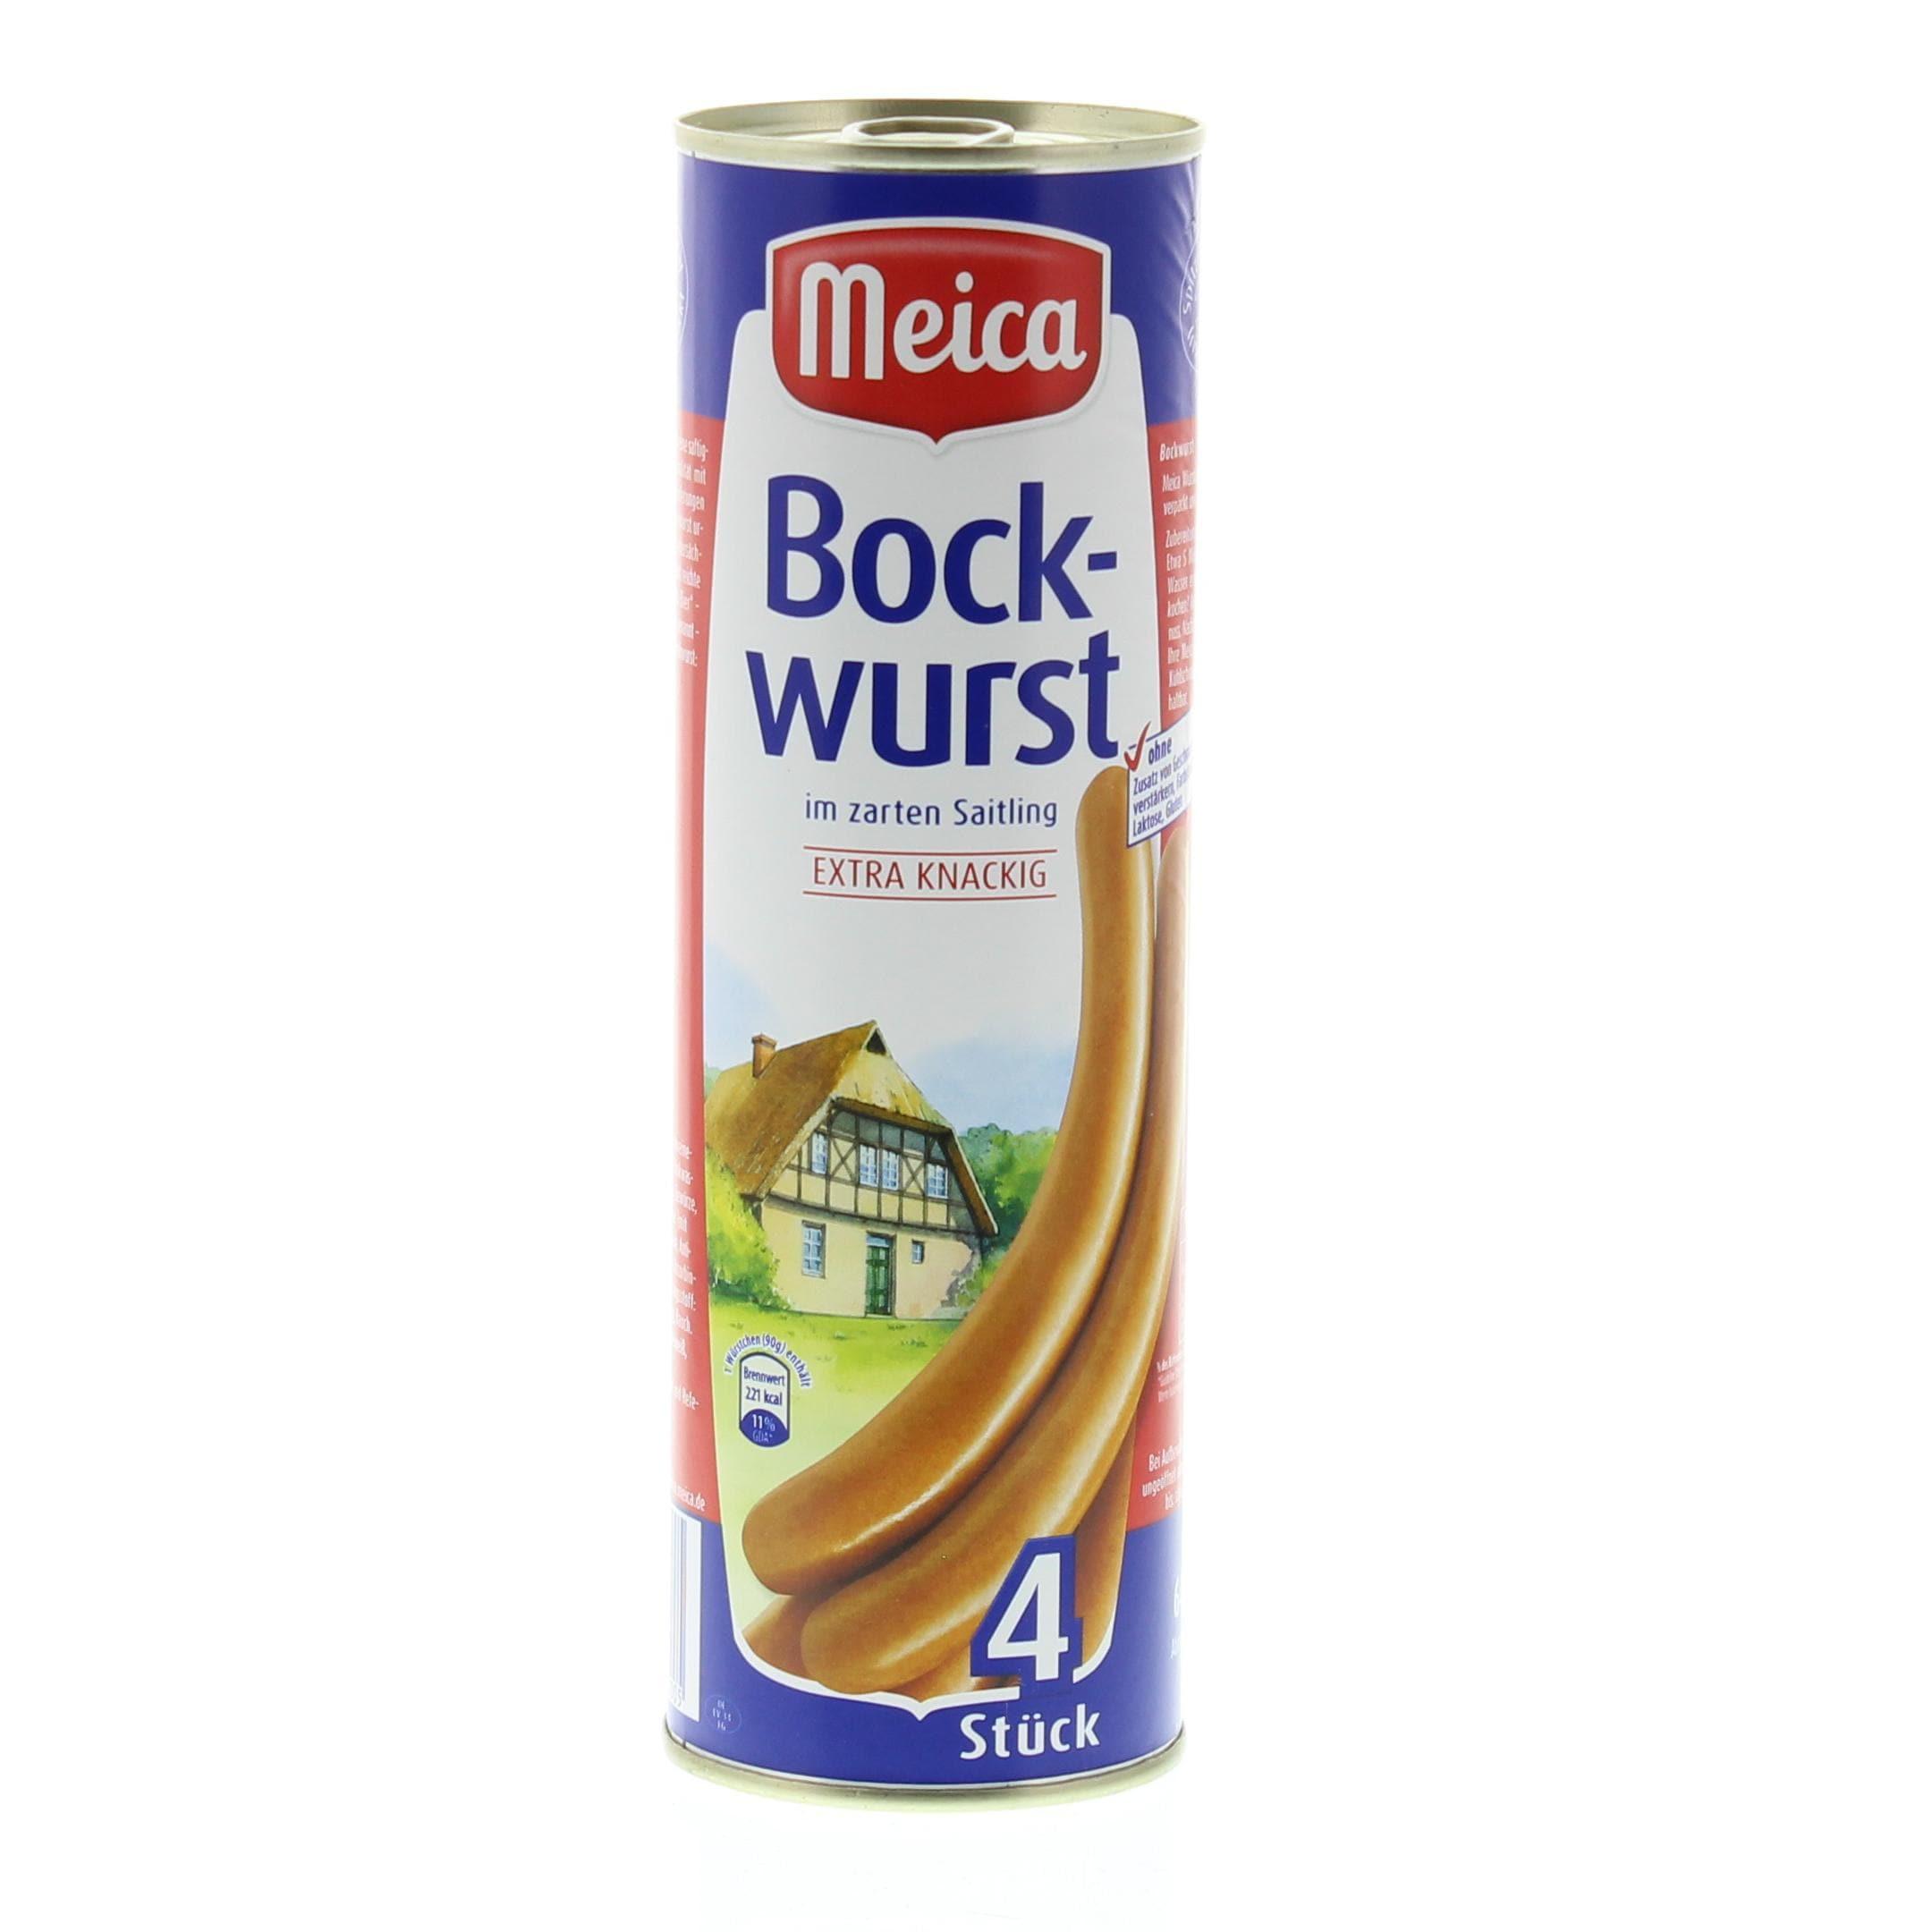 Meica Bockwurst 4 St 360g/640g